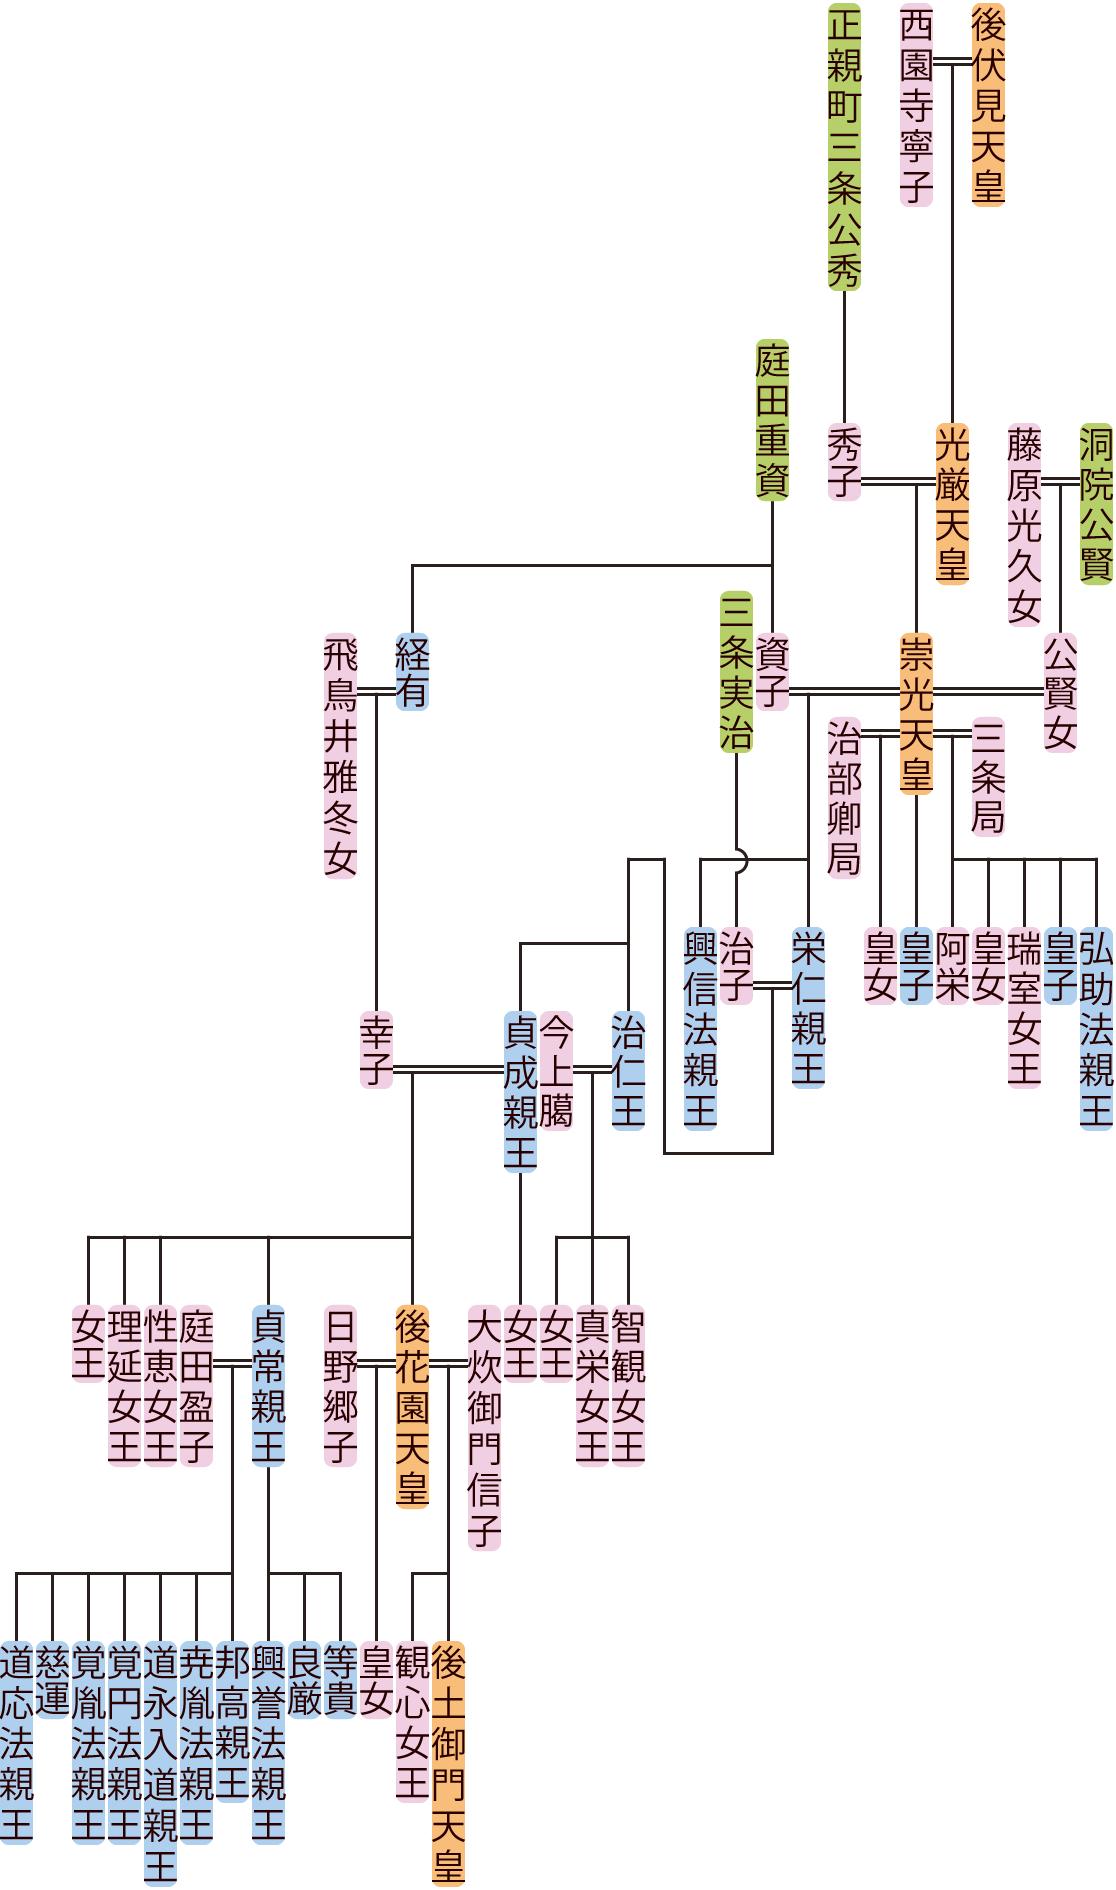 崇光天皇~貞成親王の系図